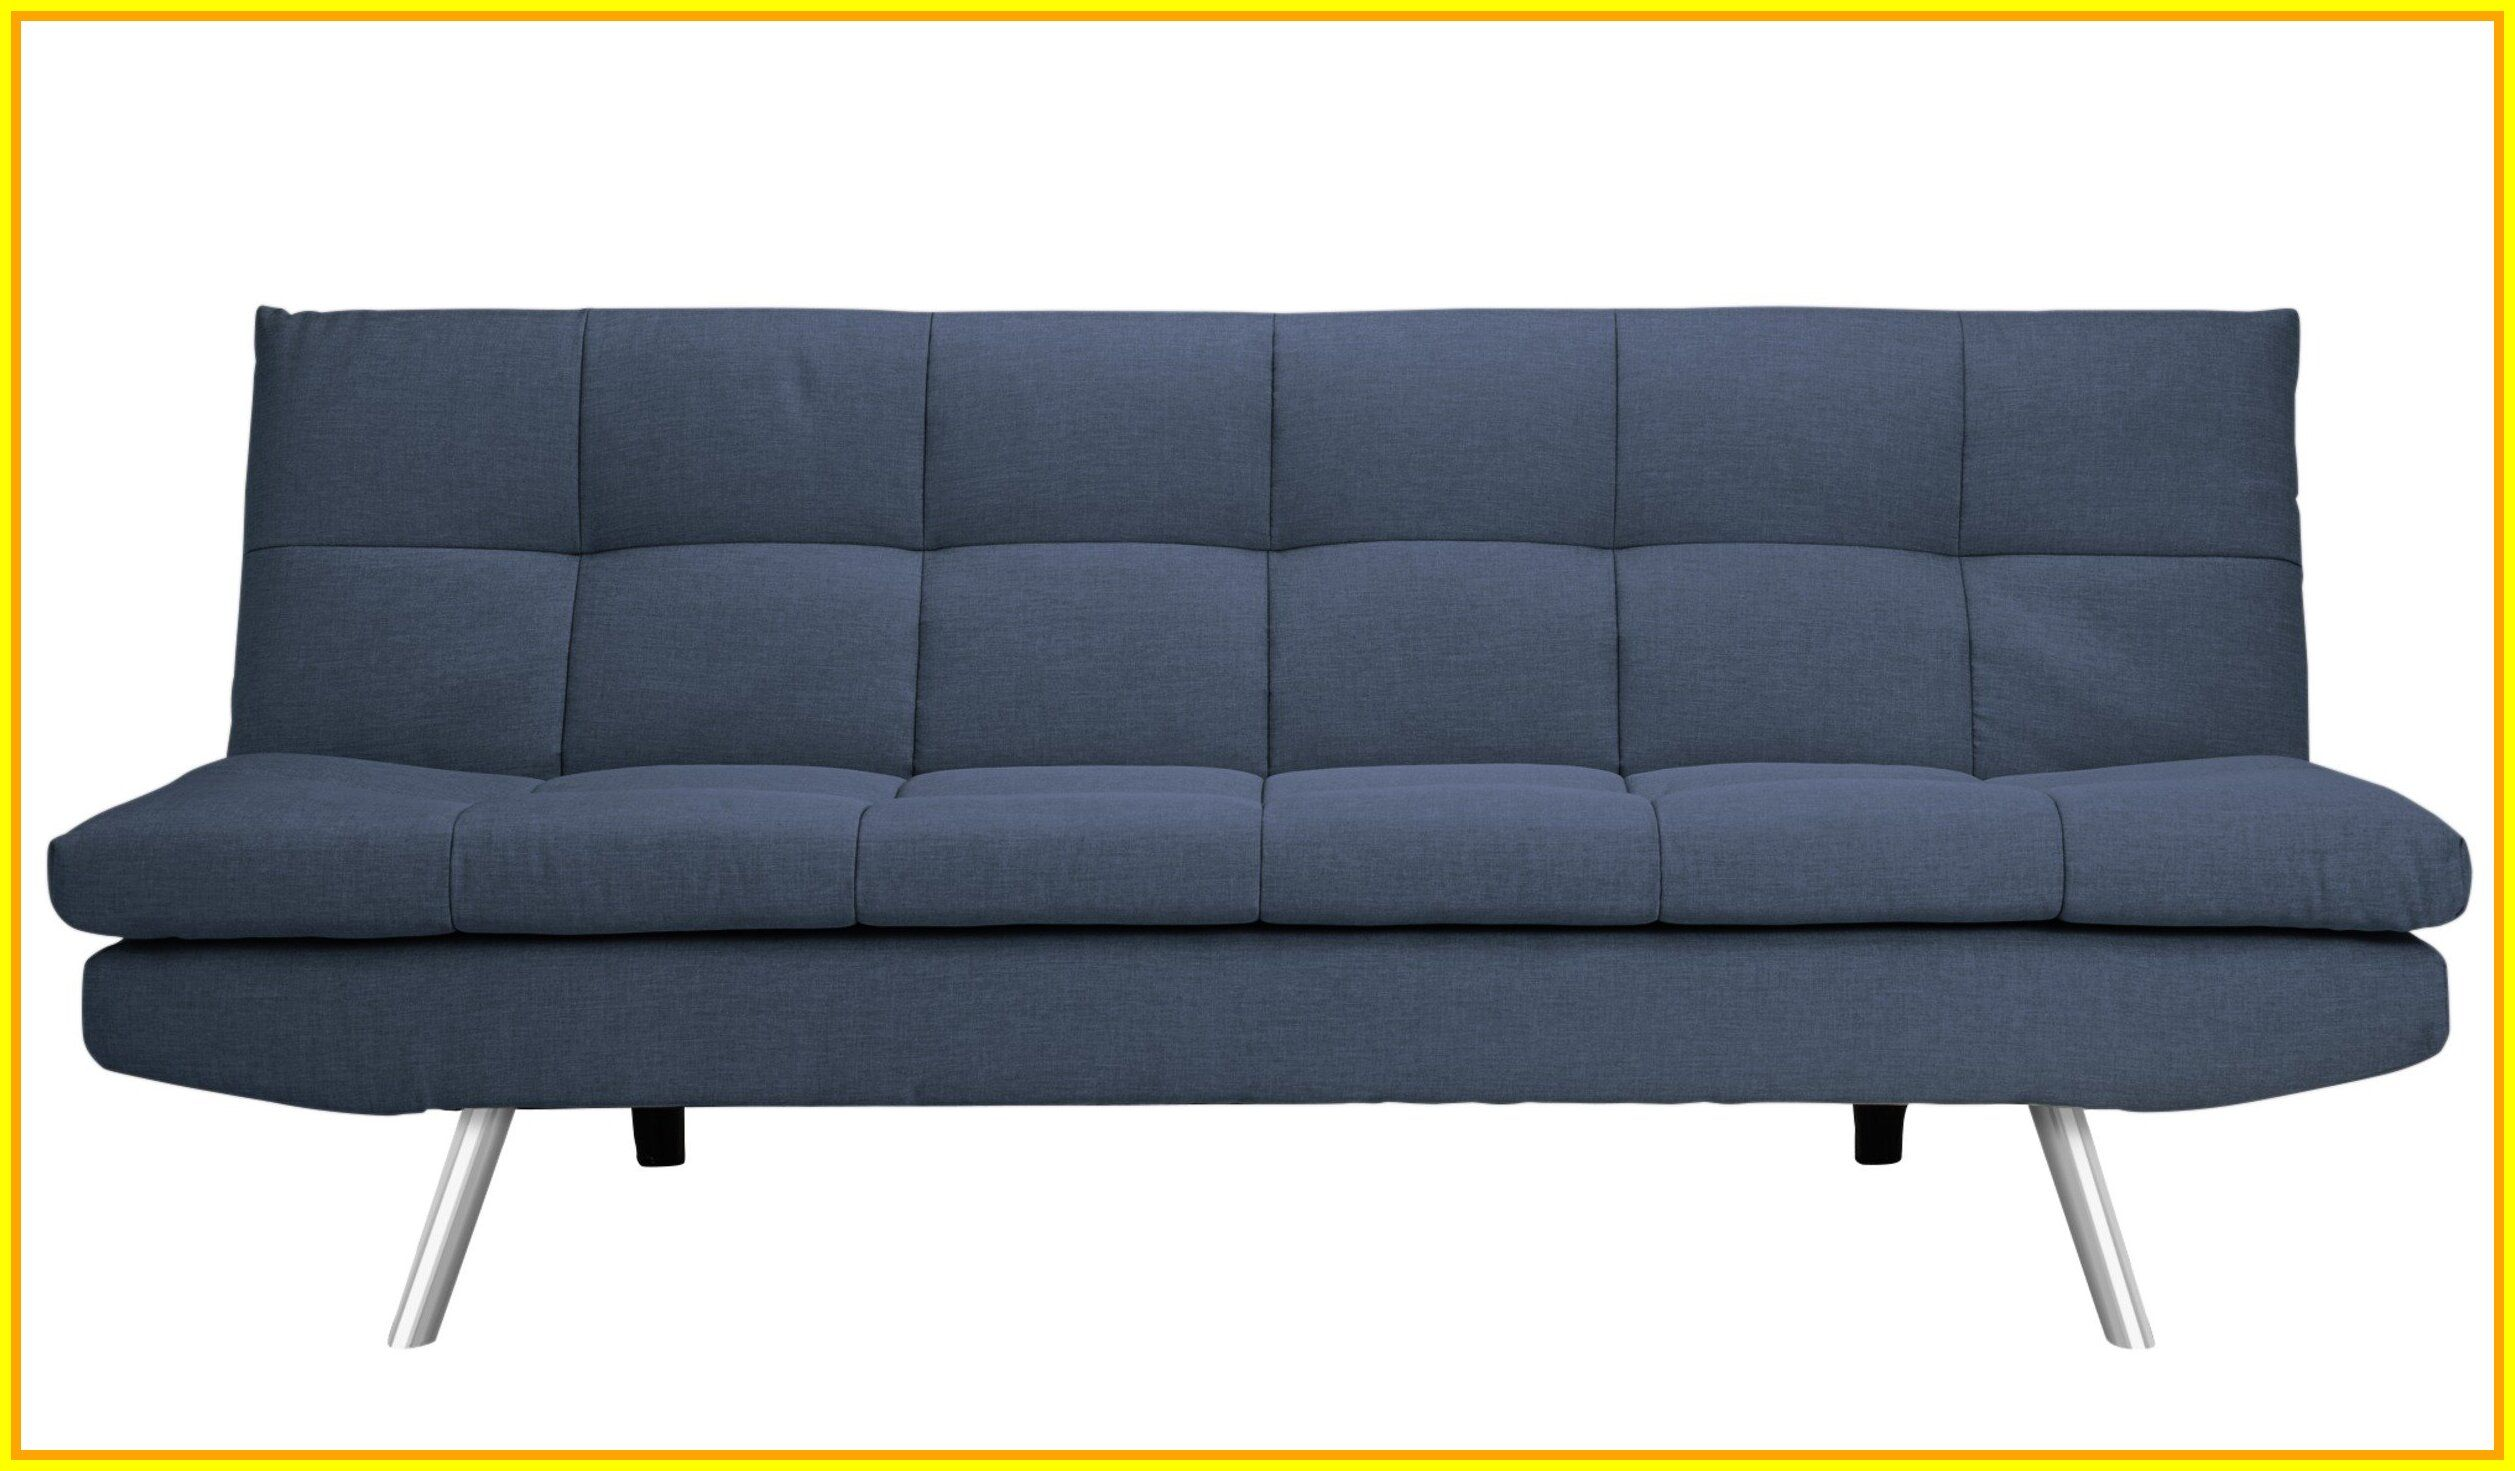 Pin On Small Corner Sofa 2 Seater